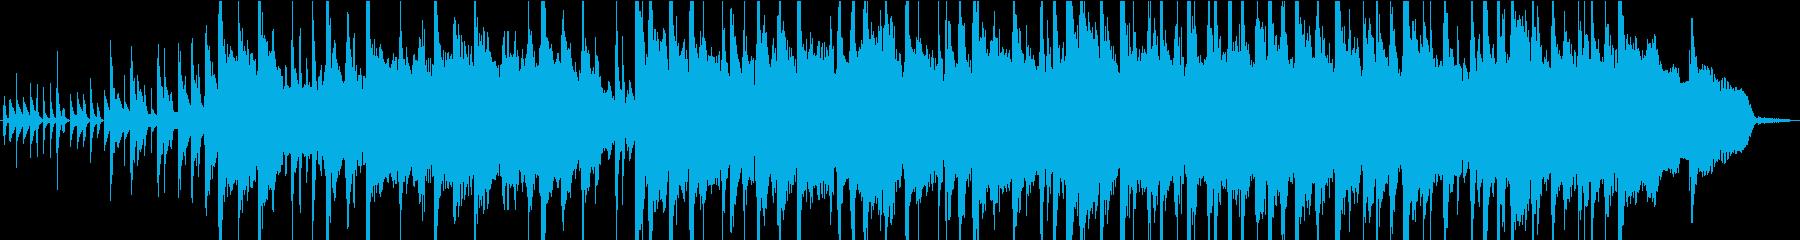 ポップ テクノ ワールド 民族 ロ...の再生済みの波形